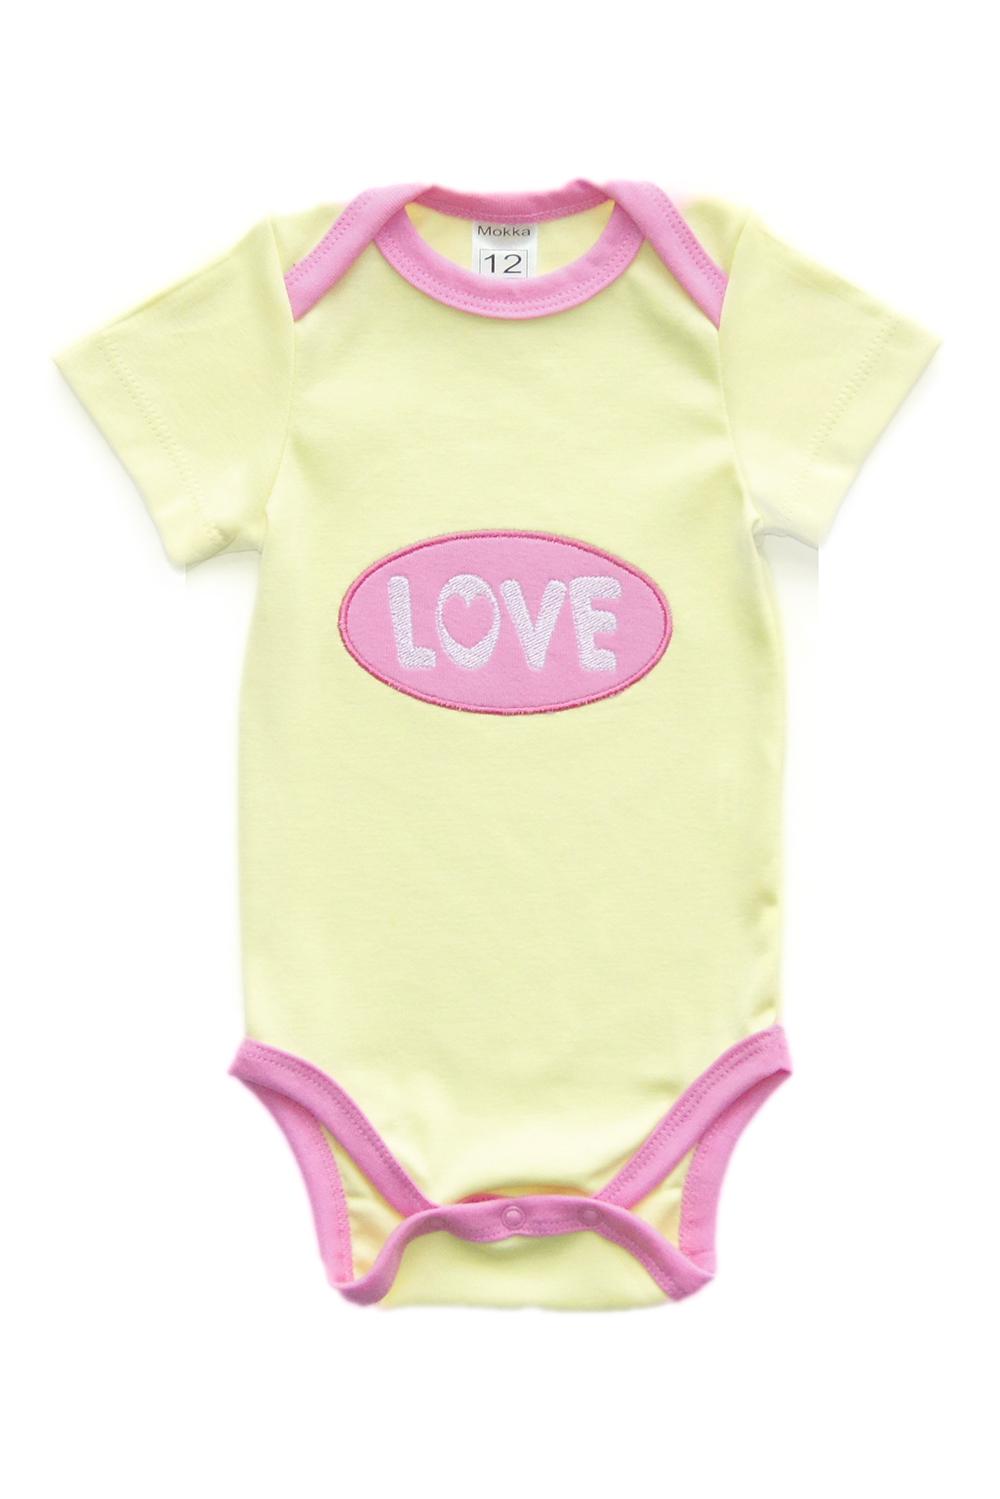 БодиКофточки<br>Хлопковое боди с вышивкой для новорожденного  В изделии использованы цвета: желтый, розовый и др.<br><br>По сезону: Всесезон<br>Размер : 56,62,68,80,86<br>Материал: Хлопок<br>Количество в наличии: 5